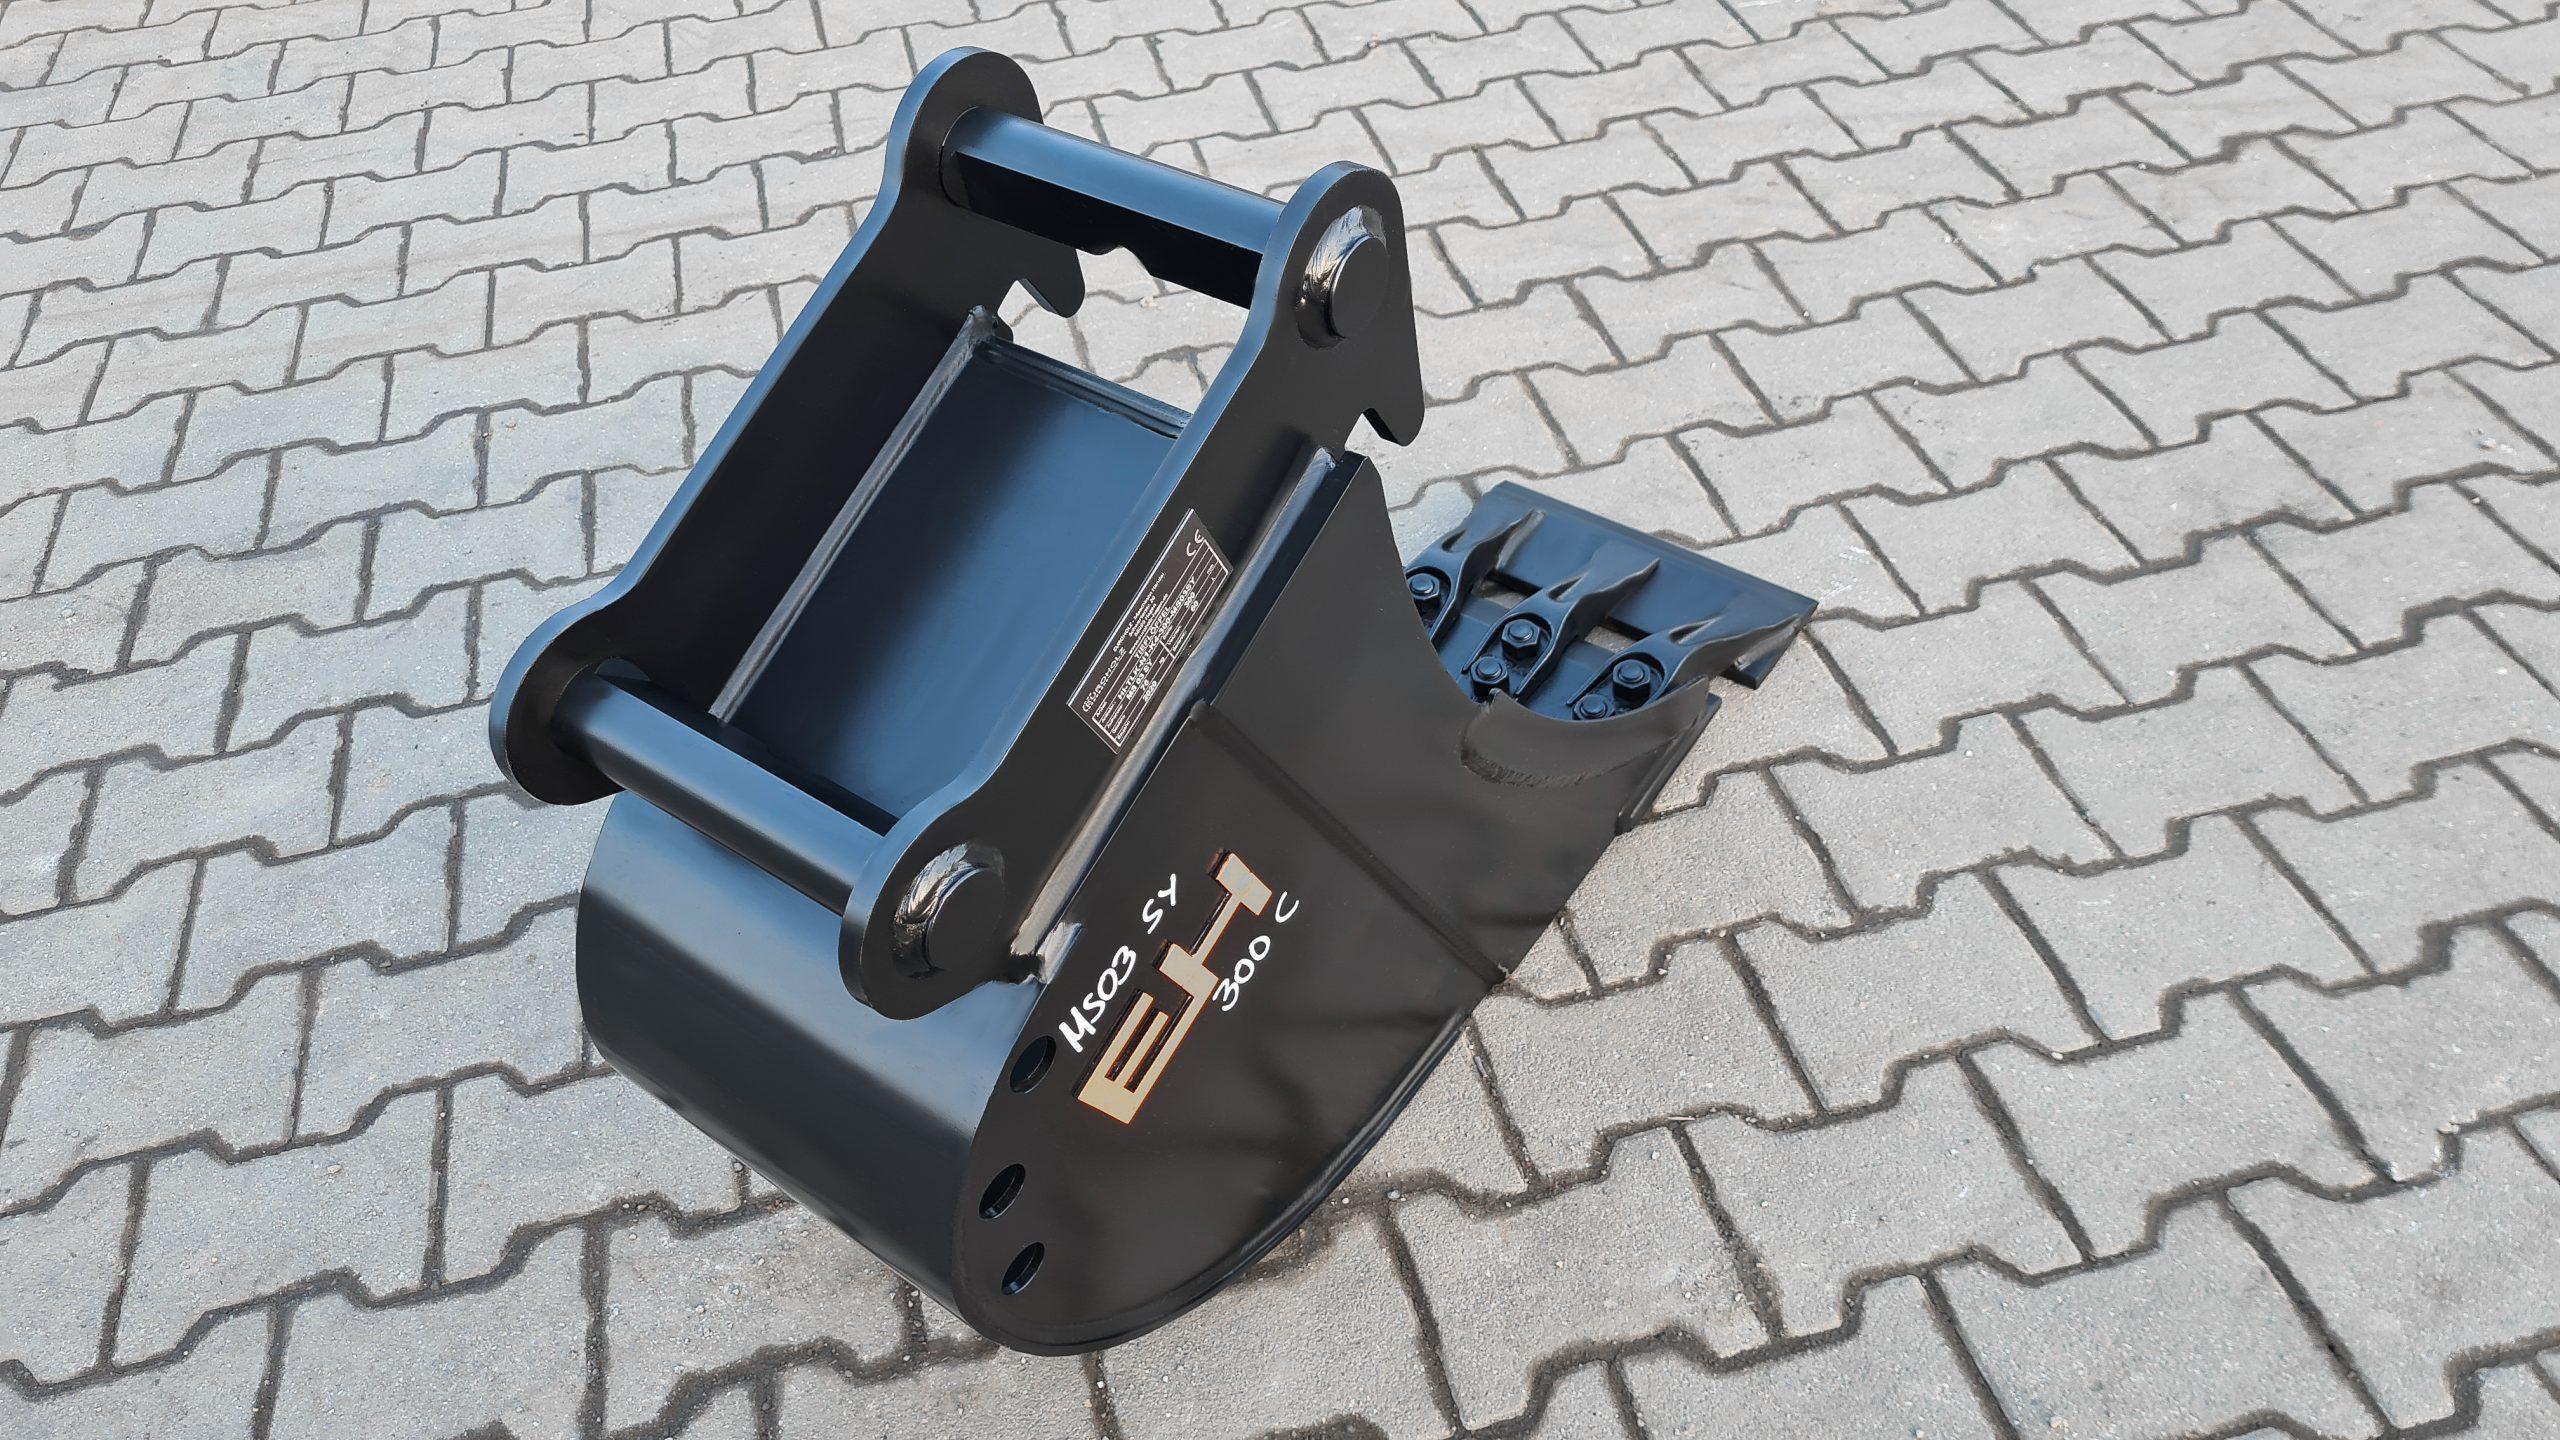 Tieflöffel passend für MS03 SY 400 mm mit Aufsteckmesser C EHTieflöffel mit Aufsteckmesser passend für Lehnhoff MS03 SY 300 mm C EH